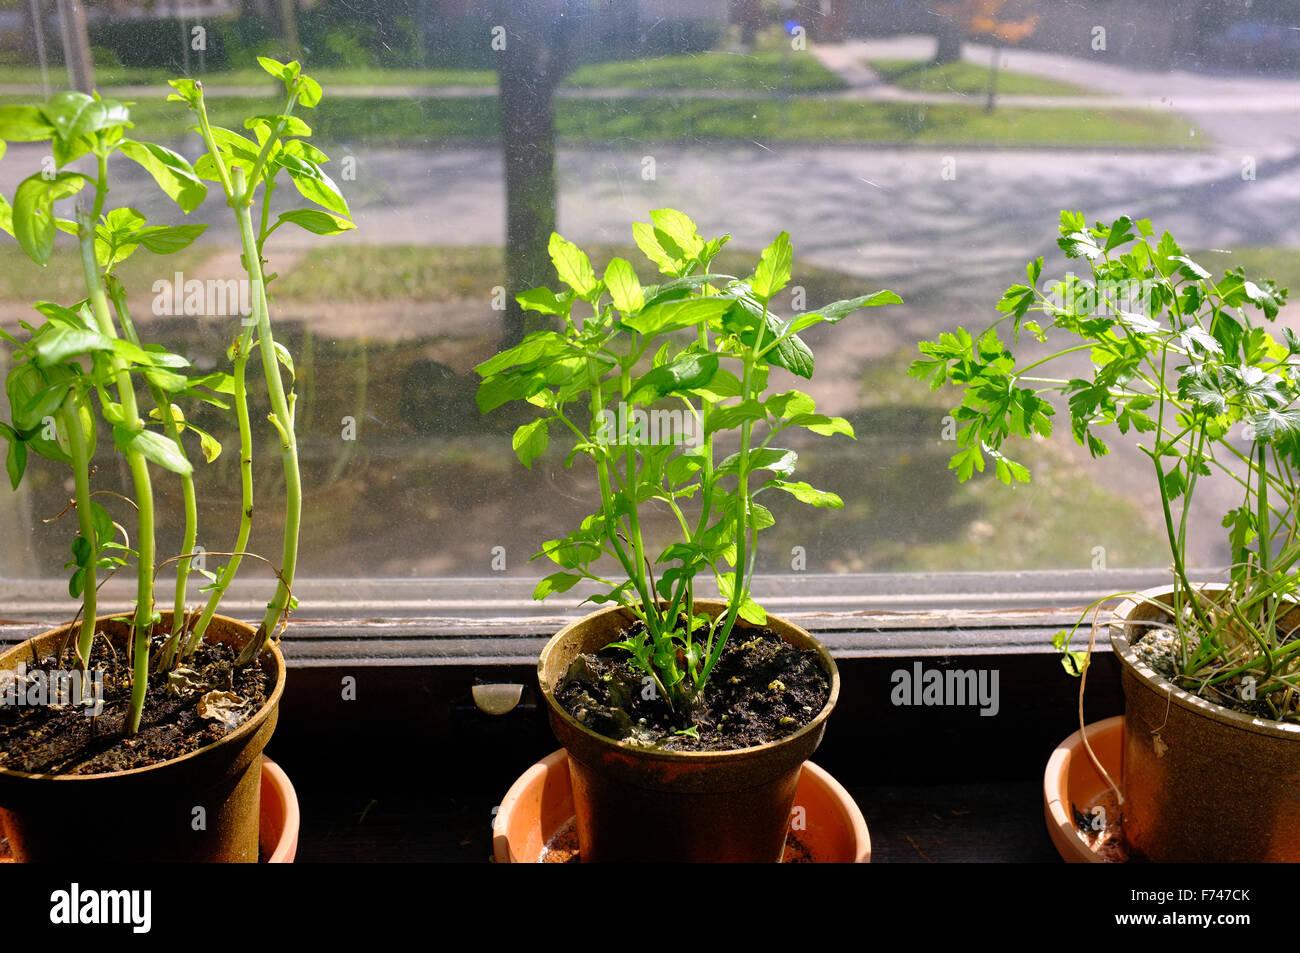 Faire Pousser Persil En Interieur basilic, menthe et persil pot plantes poussant à l'intérieur